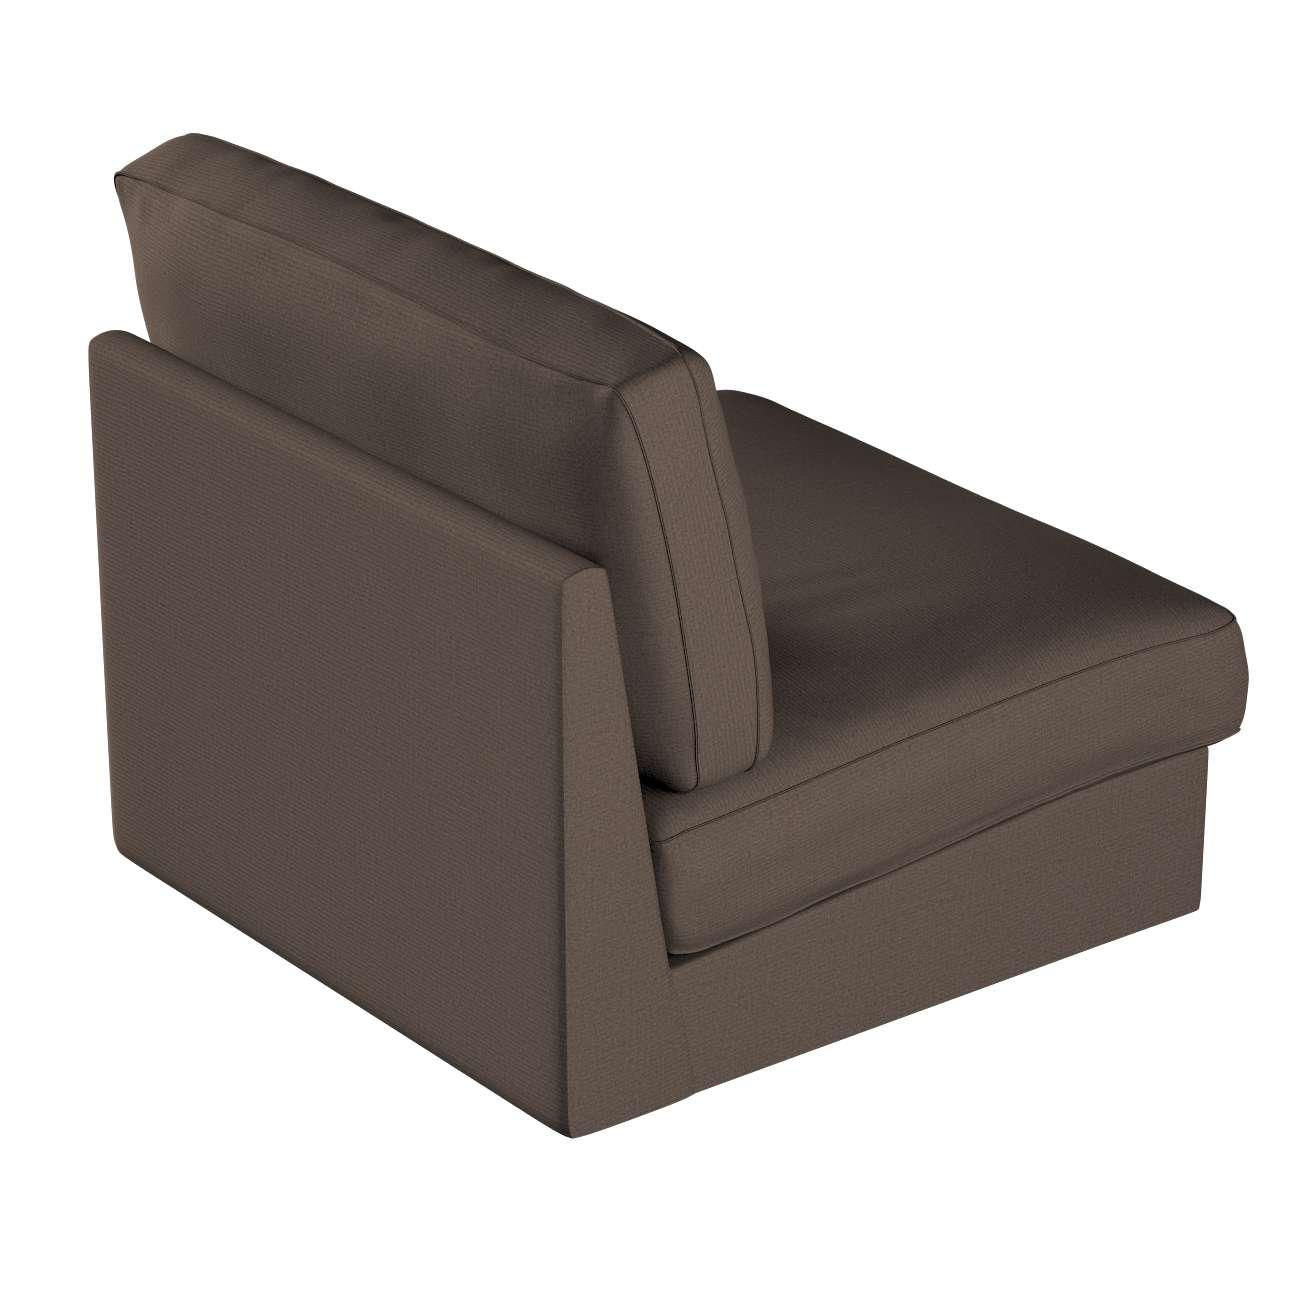 Kivik päällinen nojatuoli mallistosta Etna - ei verhoihin, Kangas: 705-08